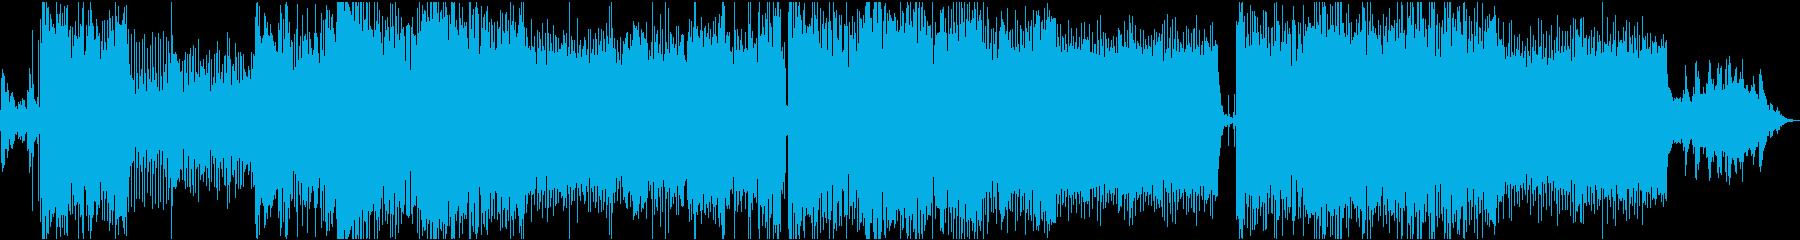 透明感のあるボーカルが印象的なバラードの再生済みの波形